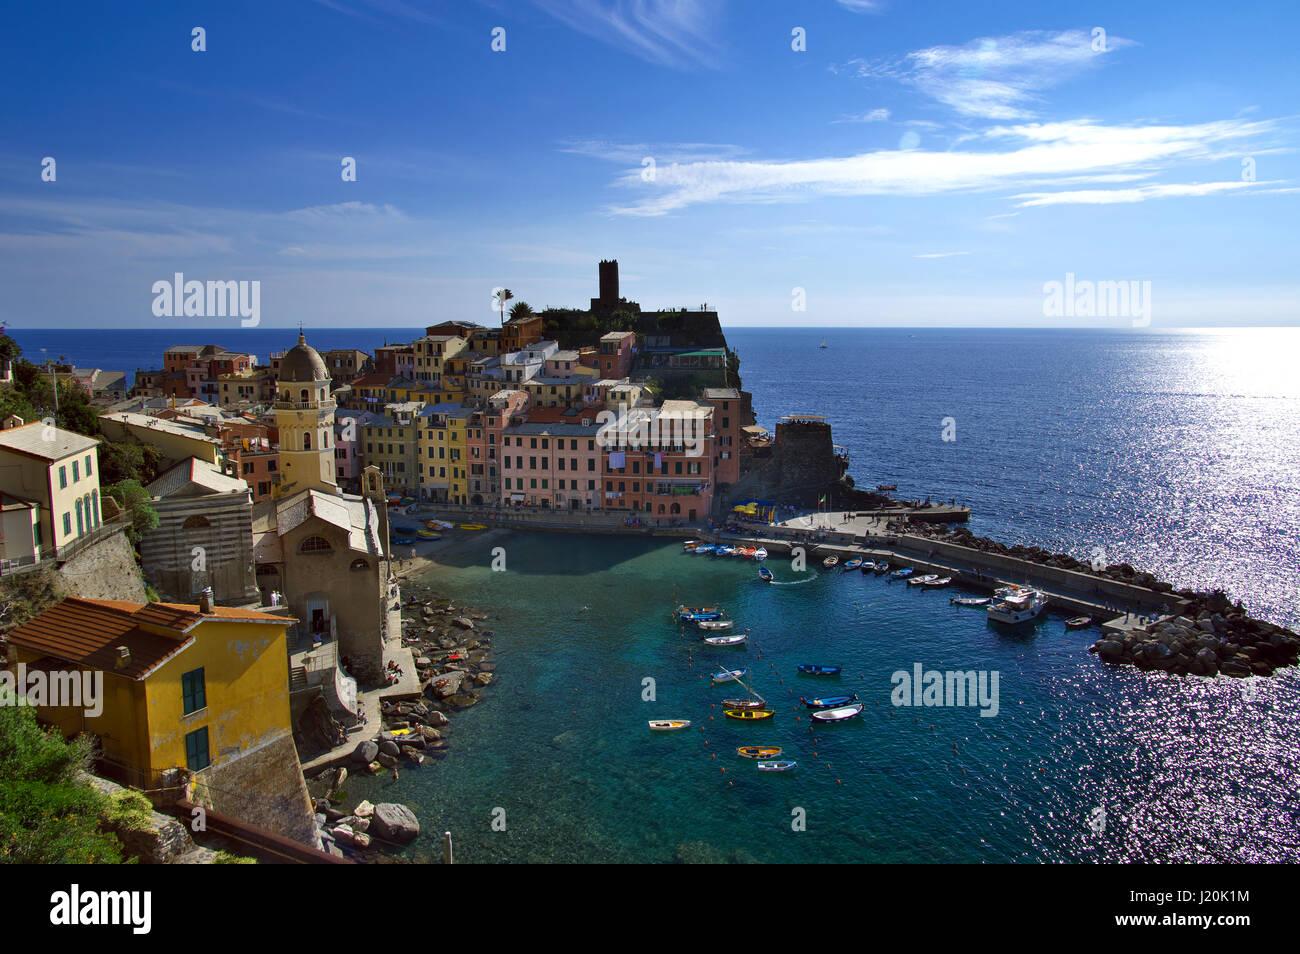 vernazza-summer-landscape-national-park-